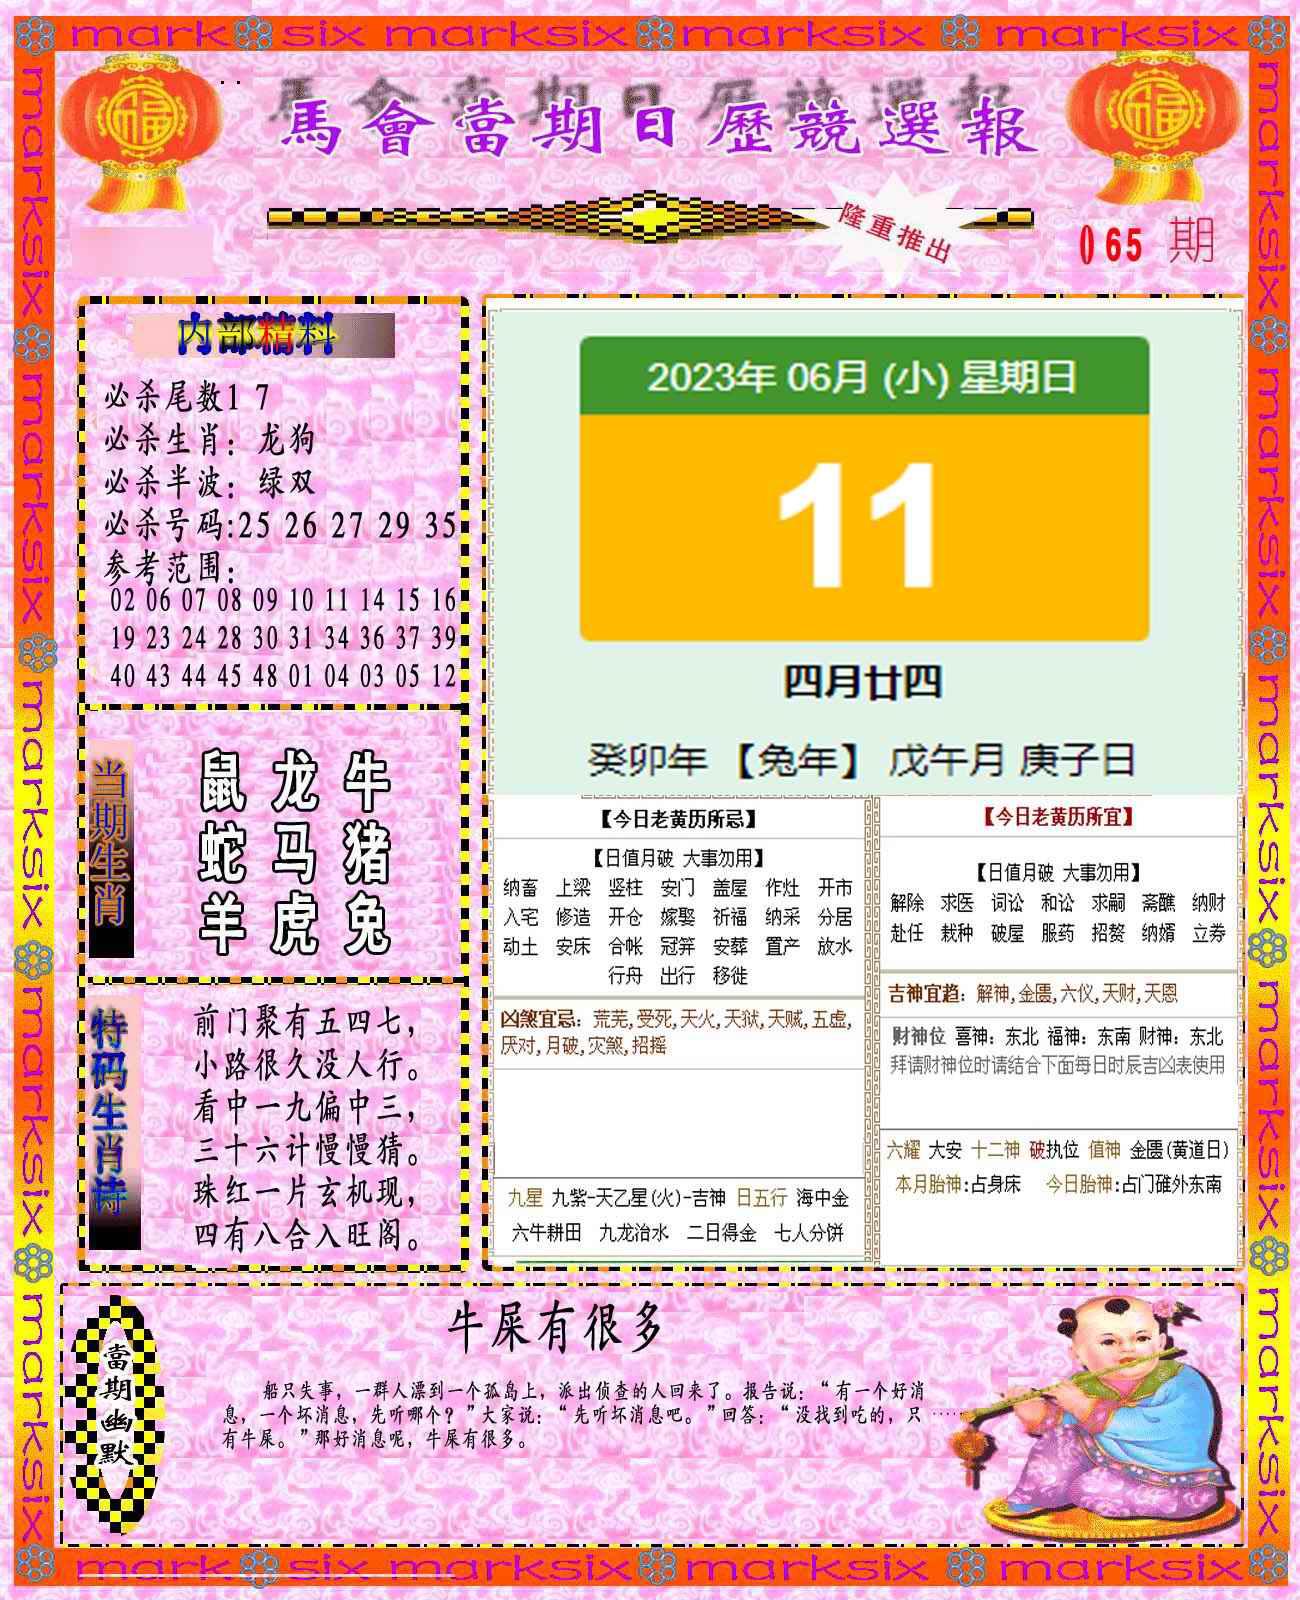 065期日历精选报(彩)